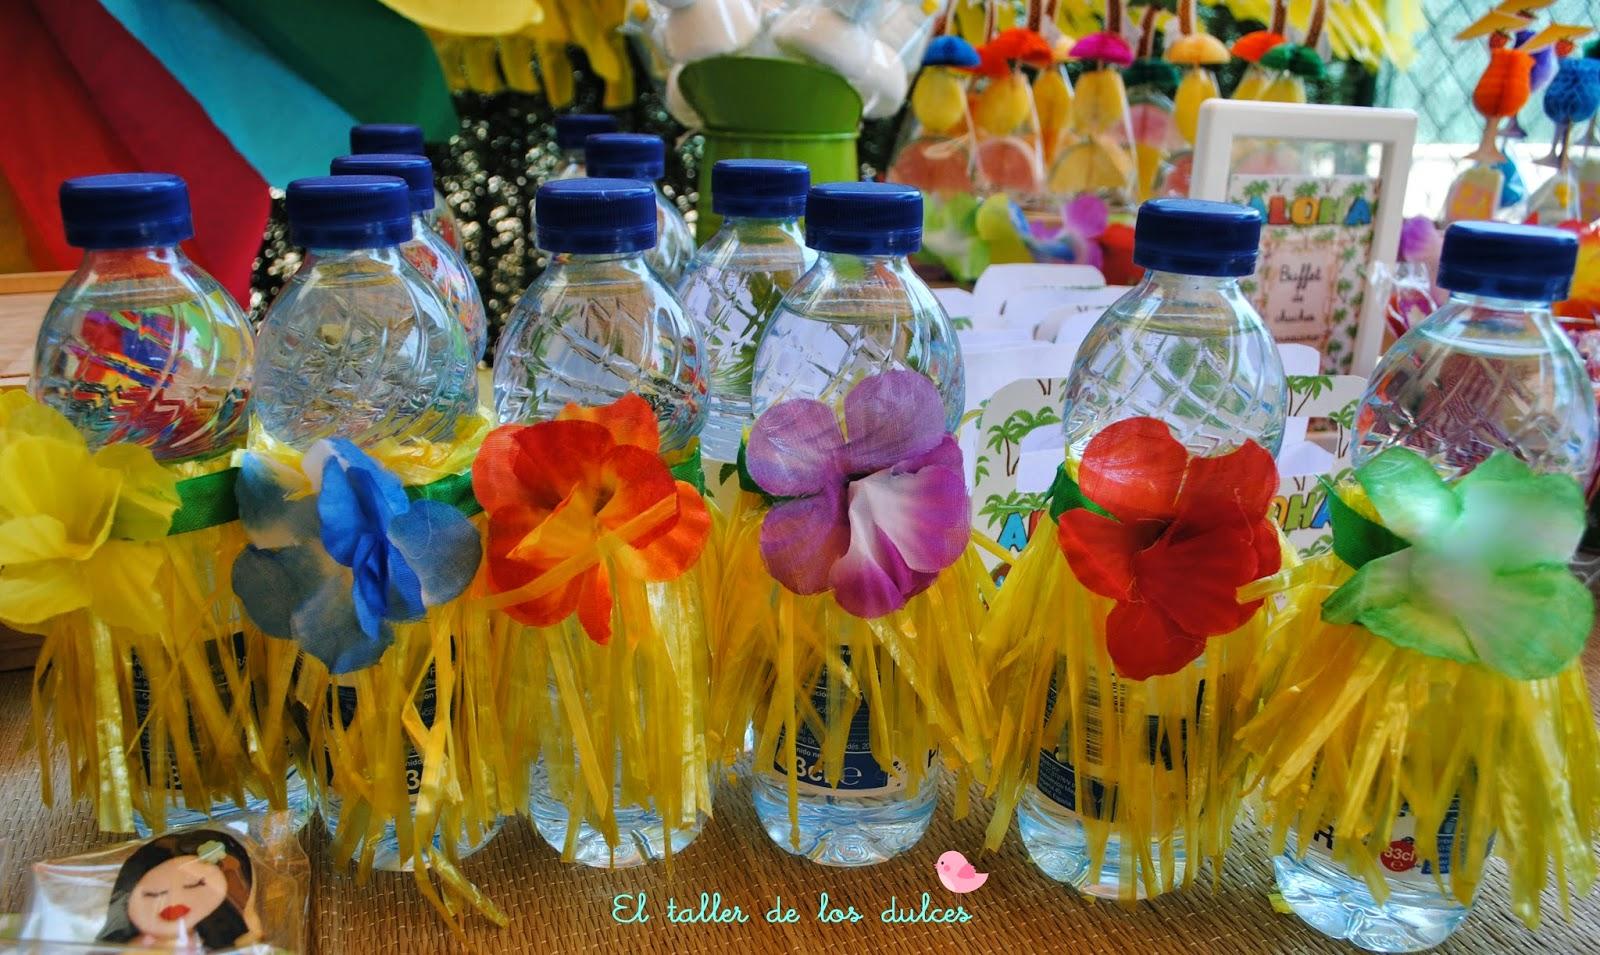 Decoraciones con globos para fiestas infantiles de beisbol for Decoraciones para fiestas